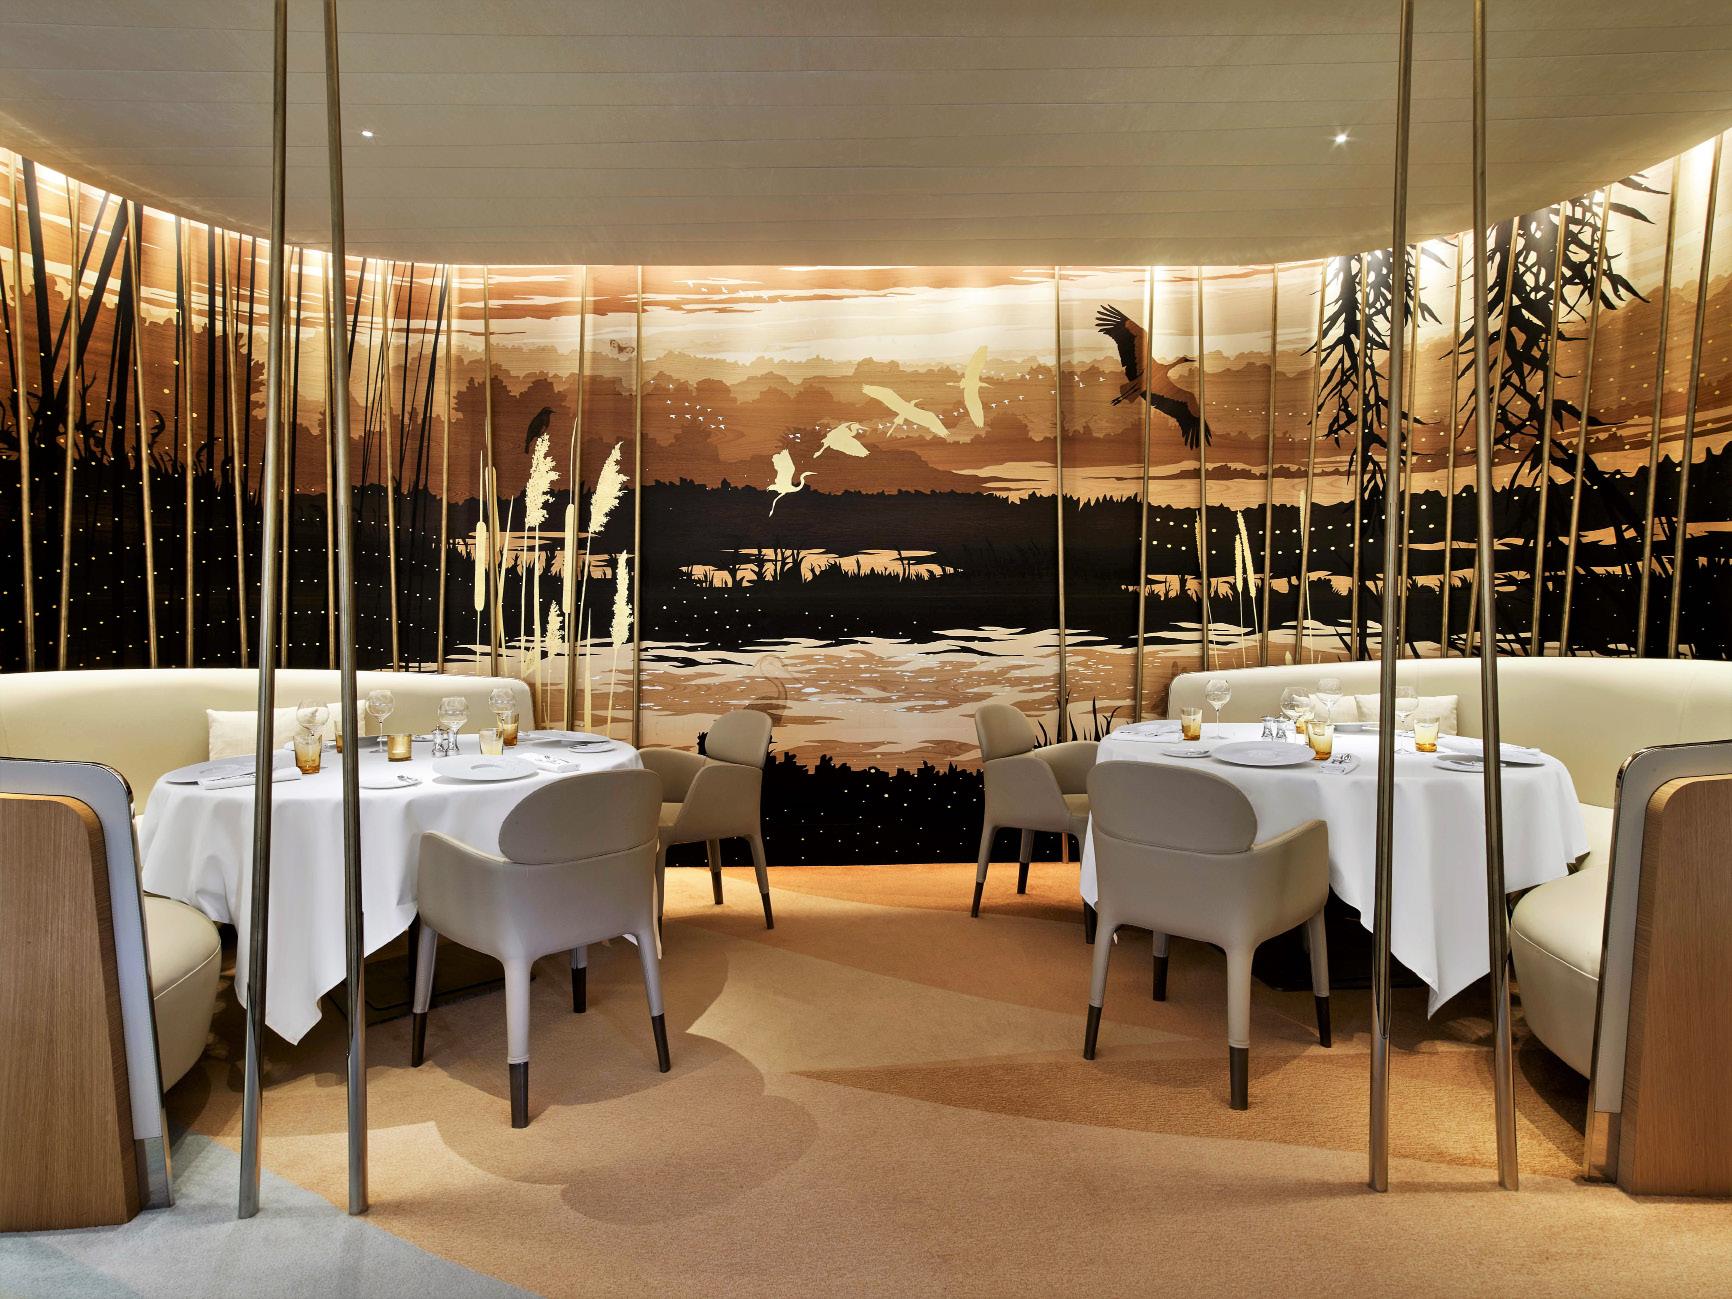 L 39 auberge de l ill dans le top 3 des meilleurs - Restaurant la table de l ill illkirch ...